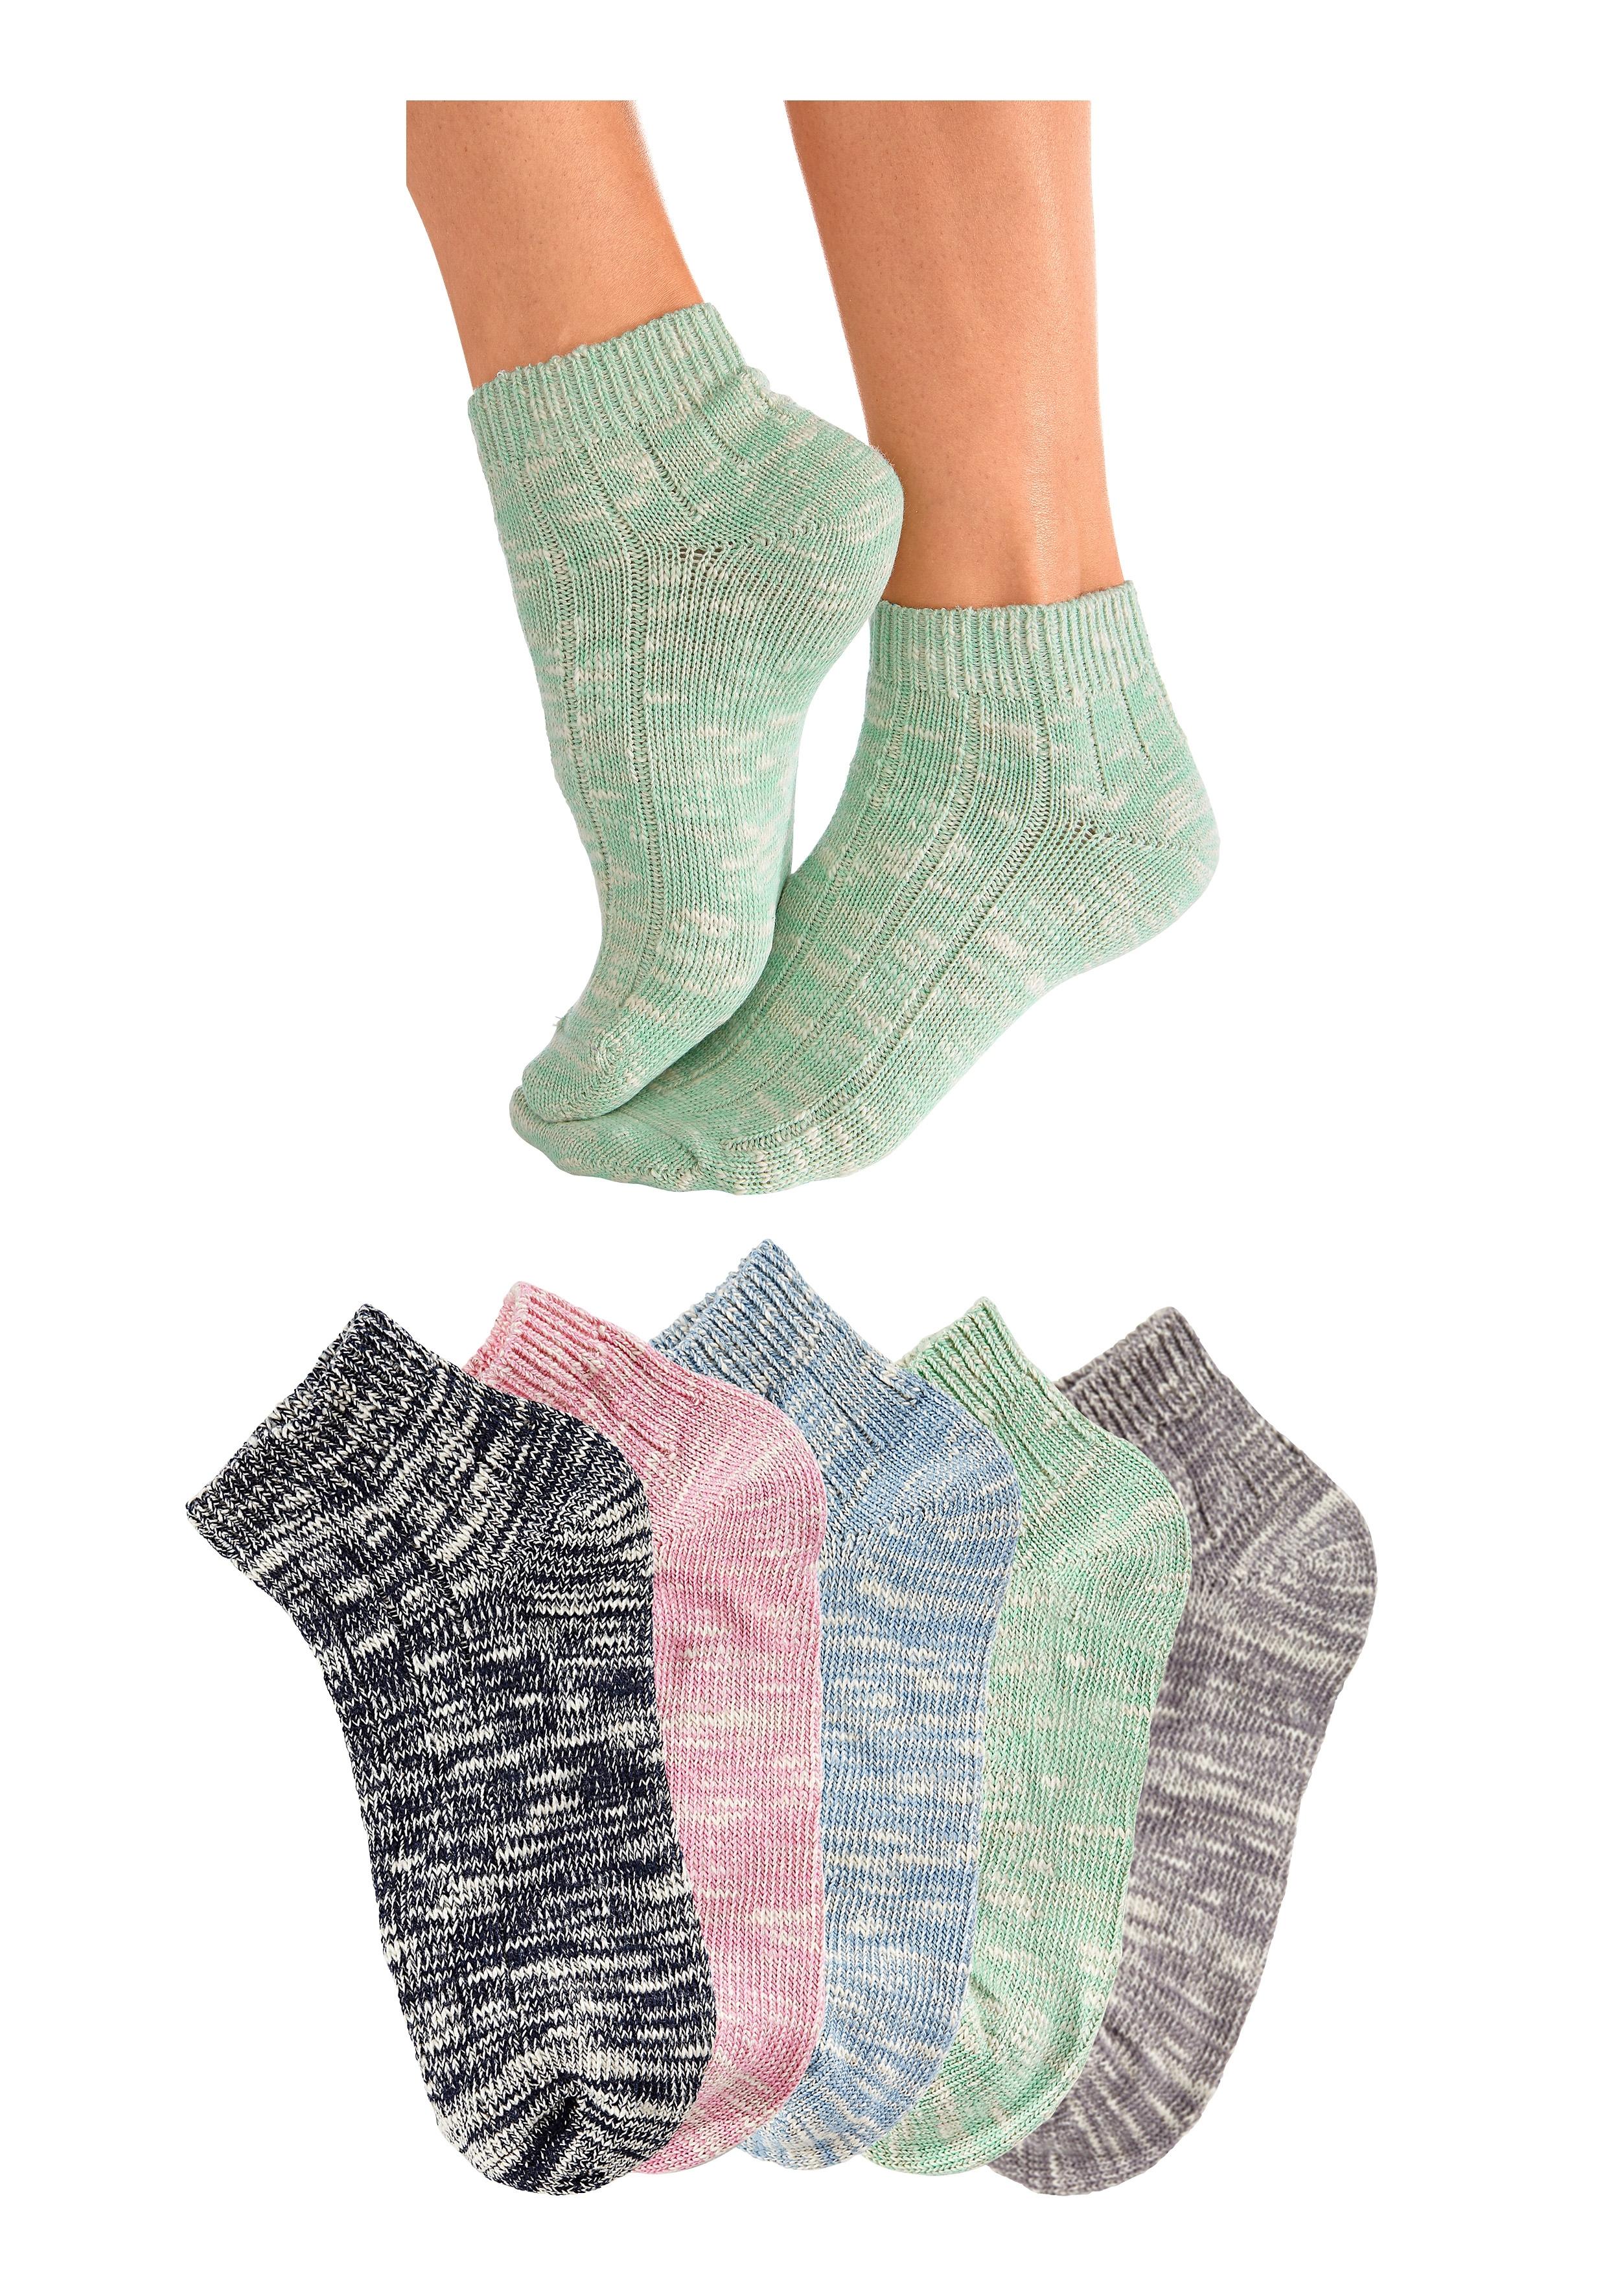 ARIZONA Korte sokken van slubgaren 5 paar voordelig en veilig online kopen